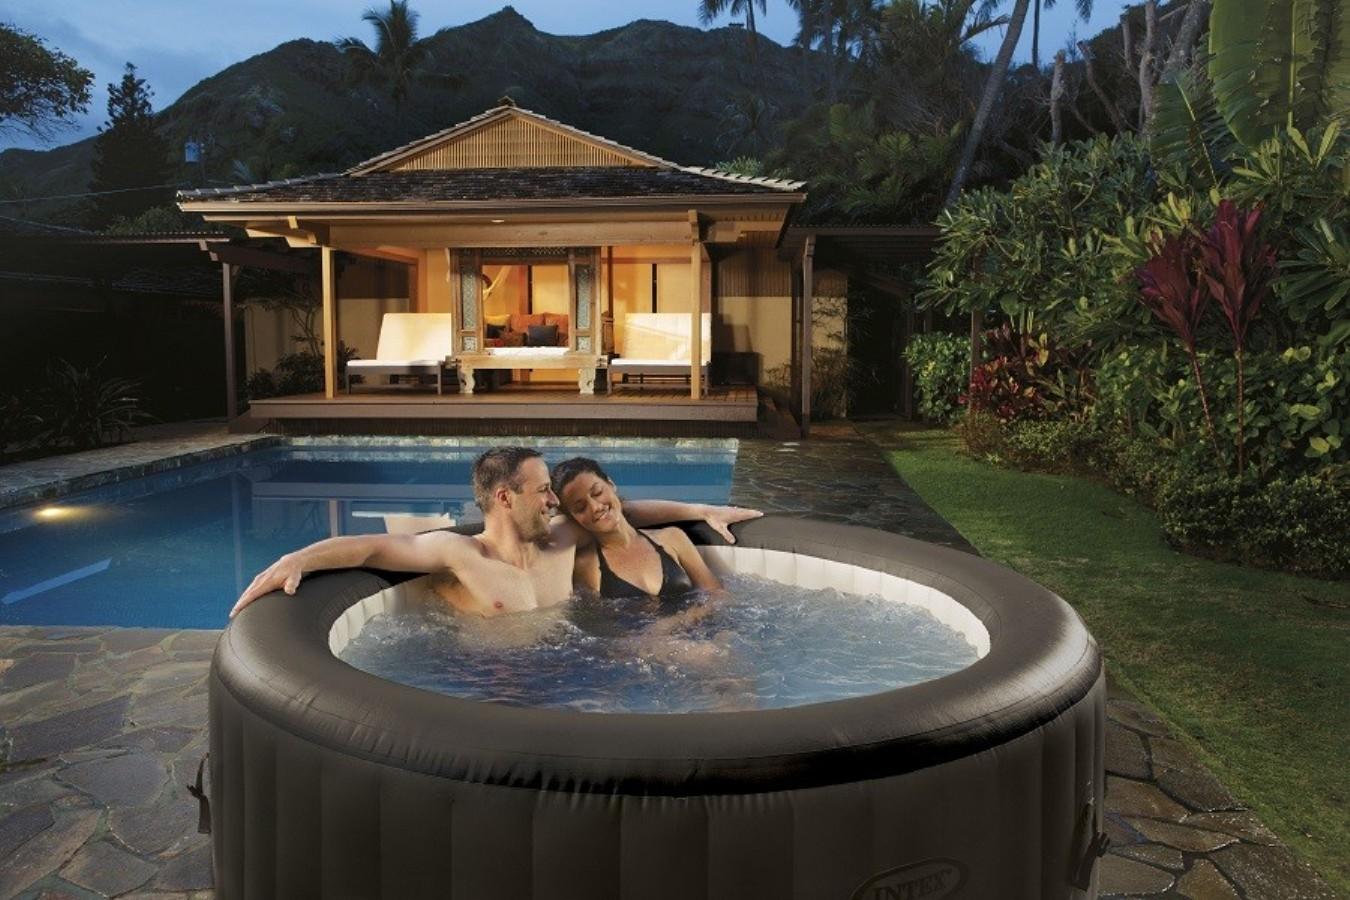 Piscina idromassaggio intex 28422 fuori terra jet massage spa - Piscina spa gonfiabile ...